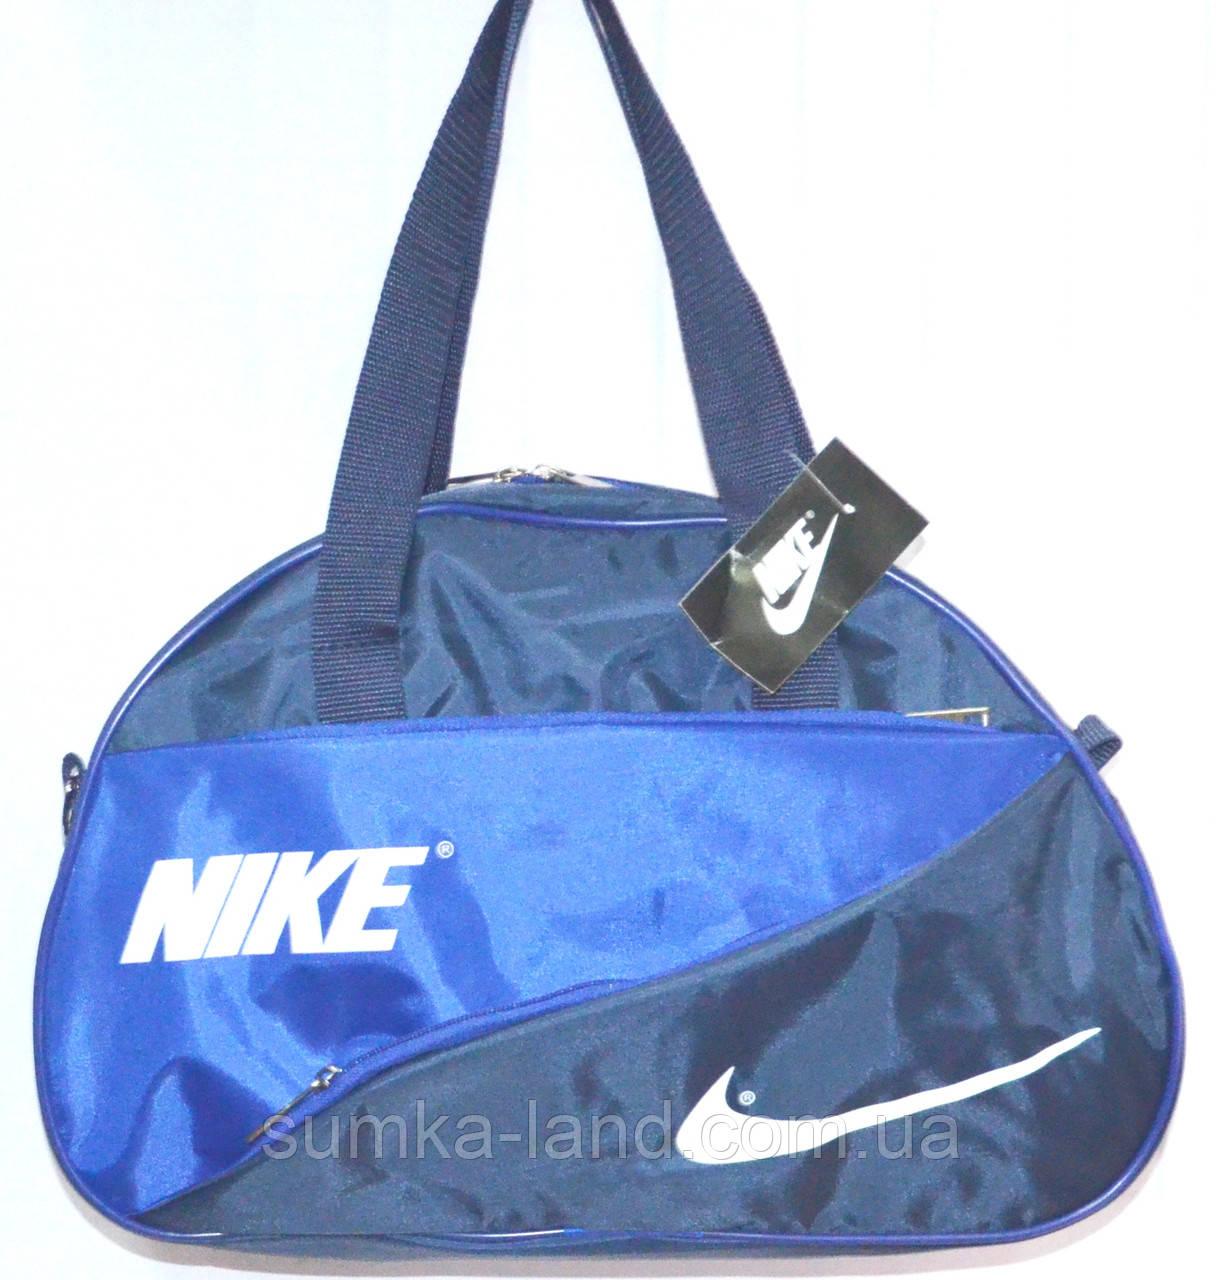 201a4d4802cf Универсальные спортивные сумки (ТЕСНО - СИНИЙ - с - СИНИМ): продажа ...